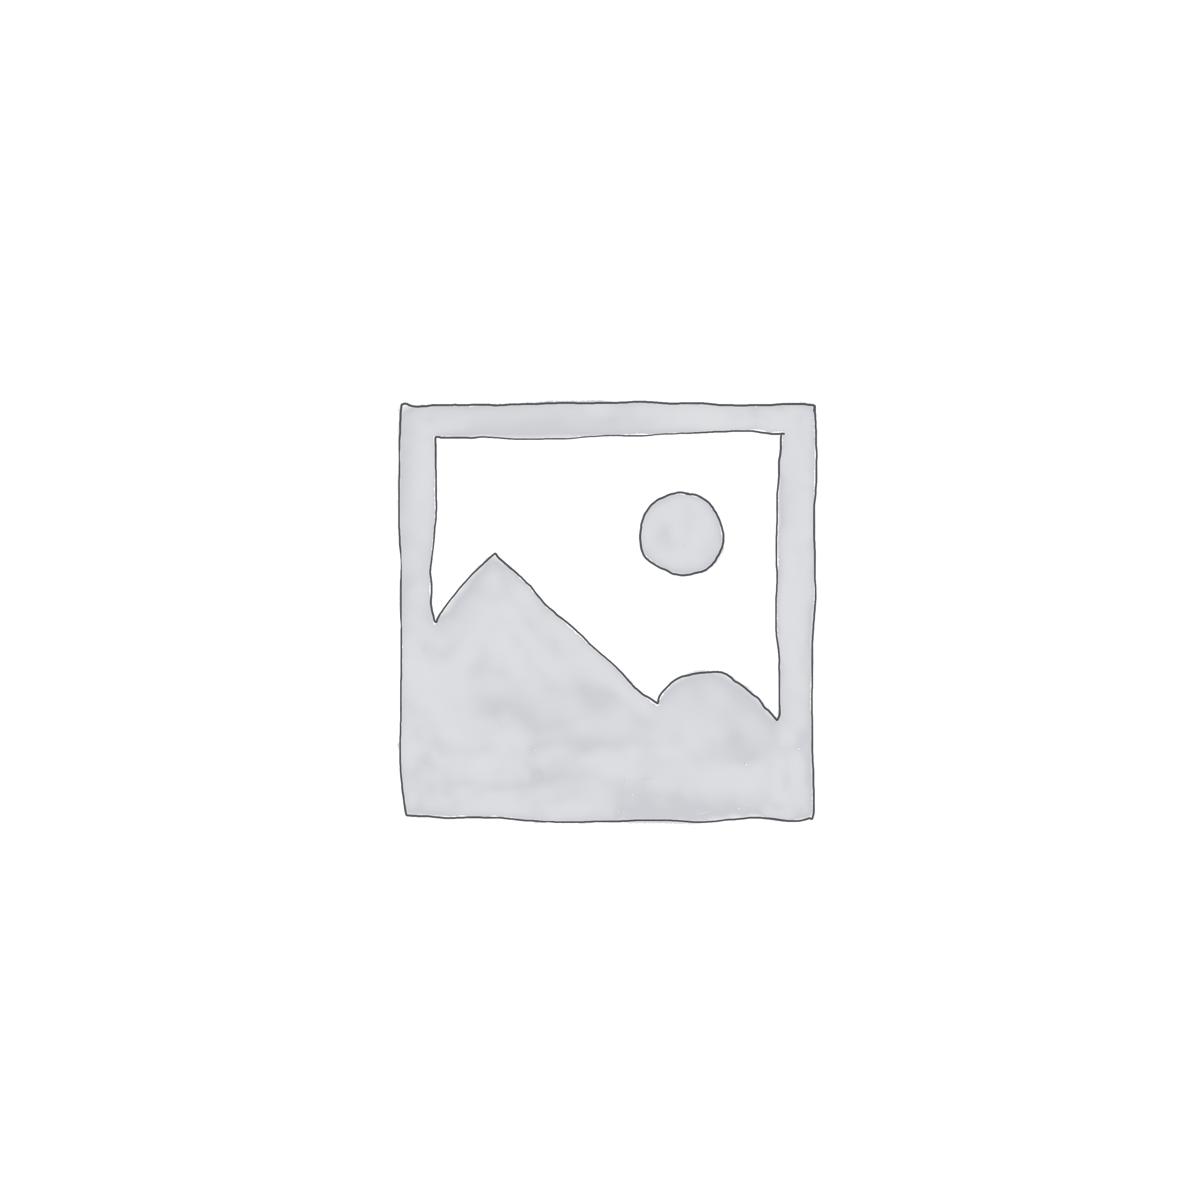 Colorful Mermaid Pattern Wallpaper Mural